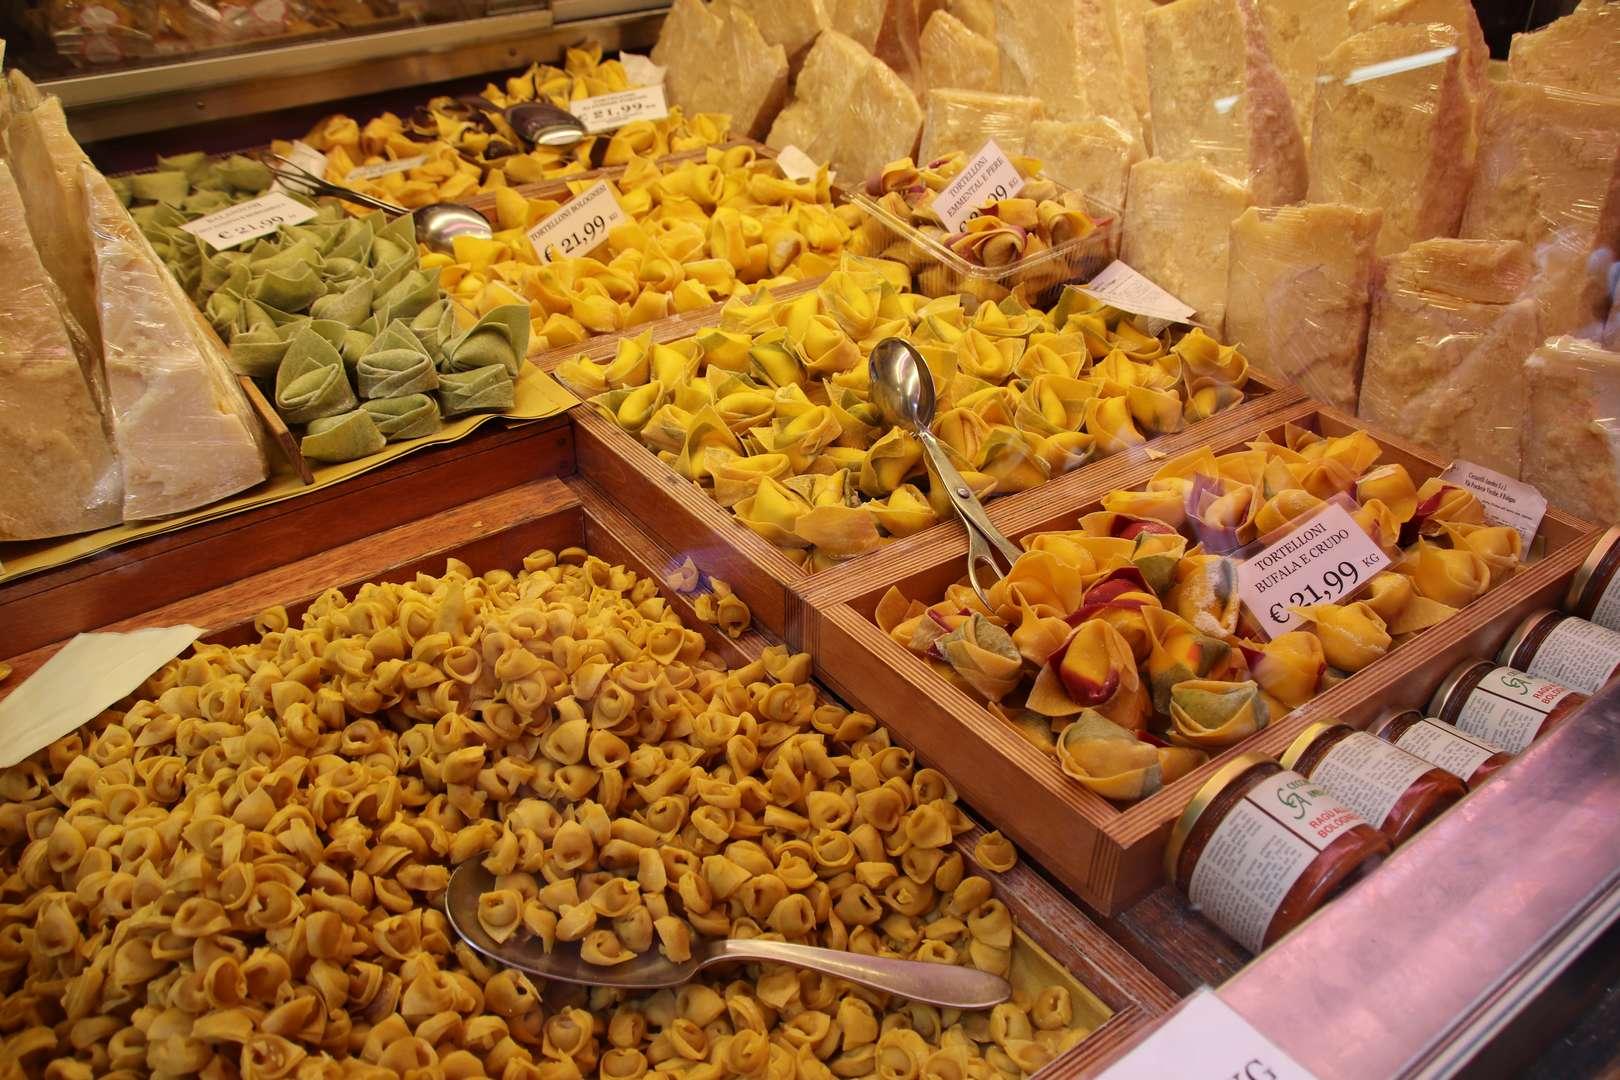 Italie - Ambiance de marché à Bologne, vendeur de pâtes fraîches